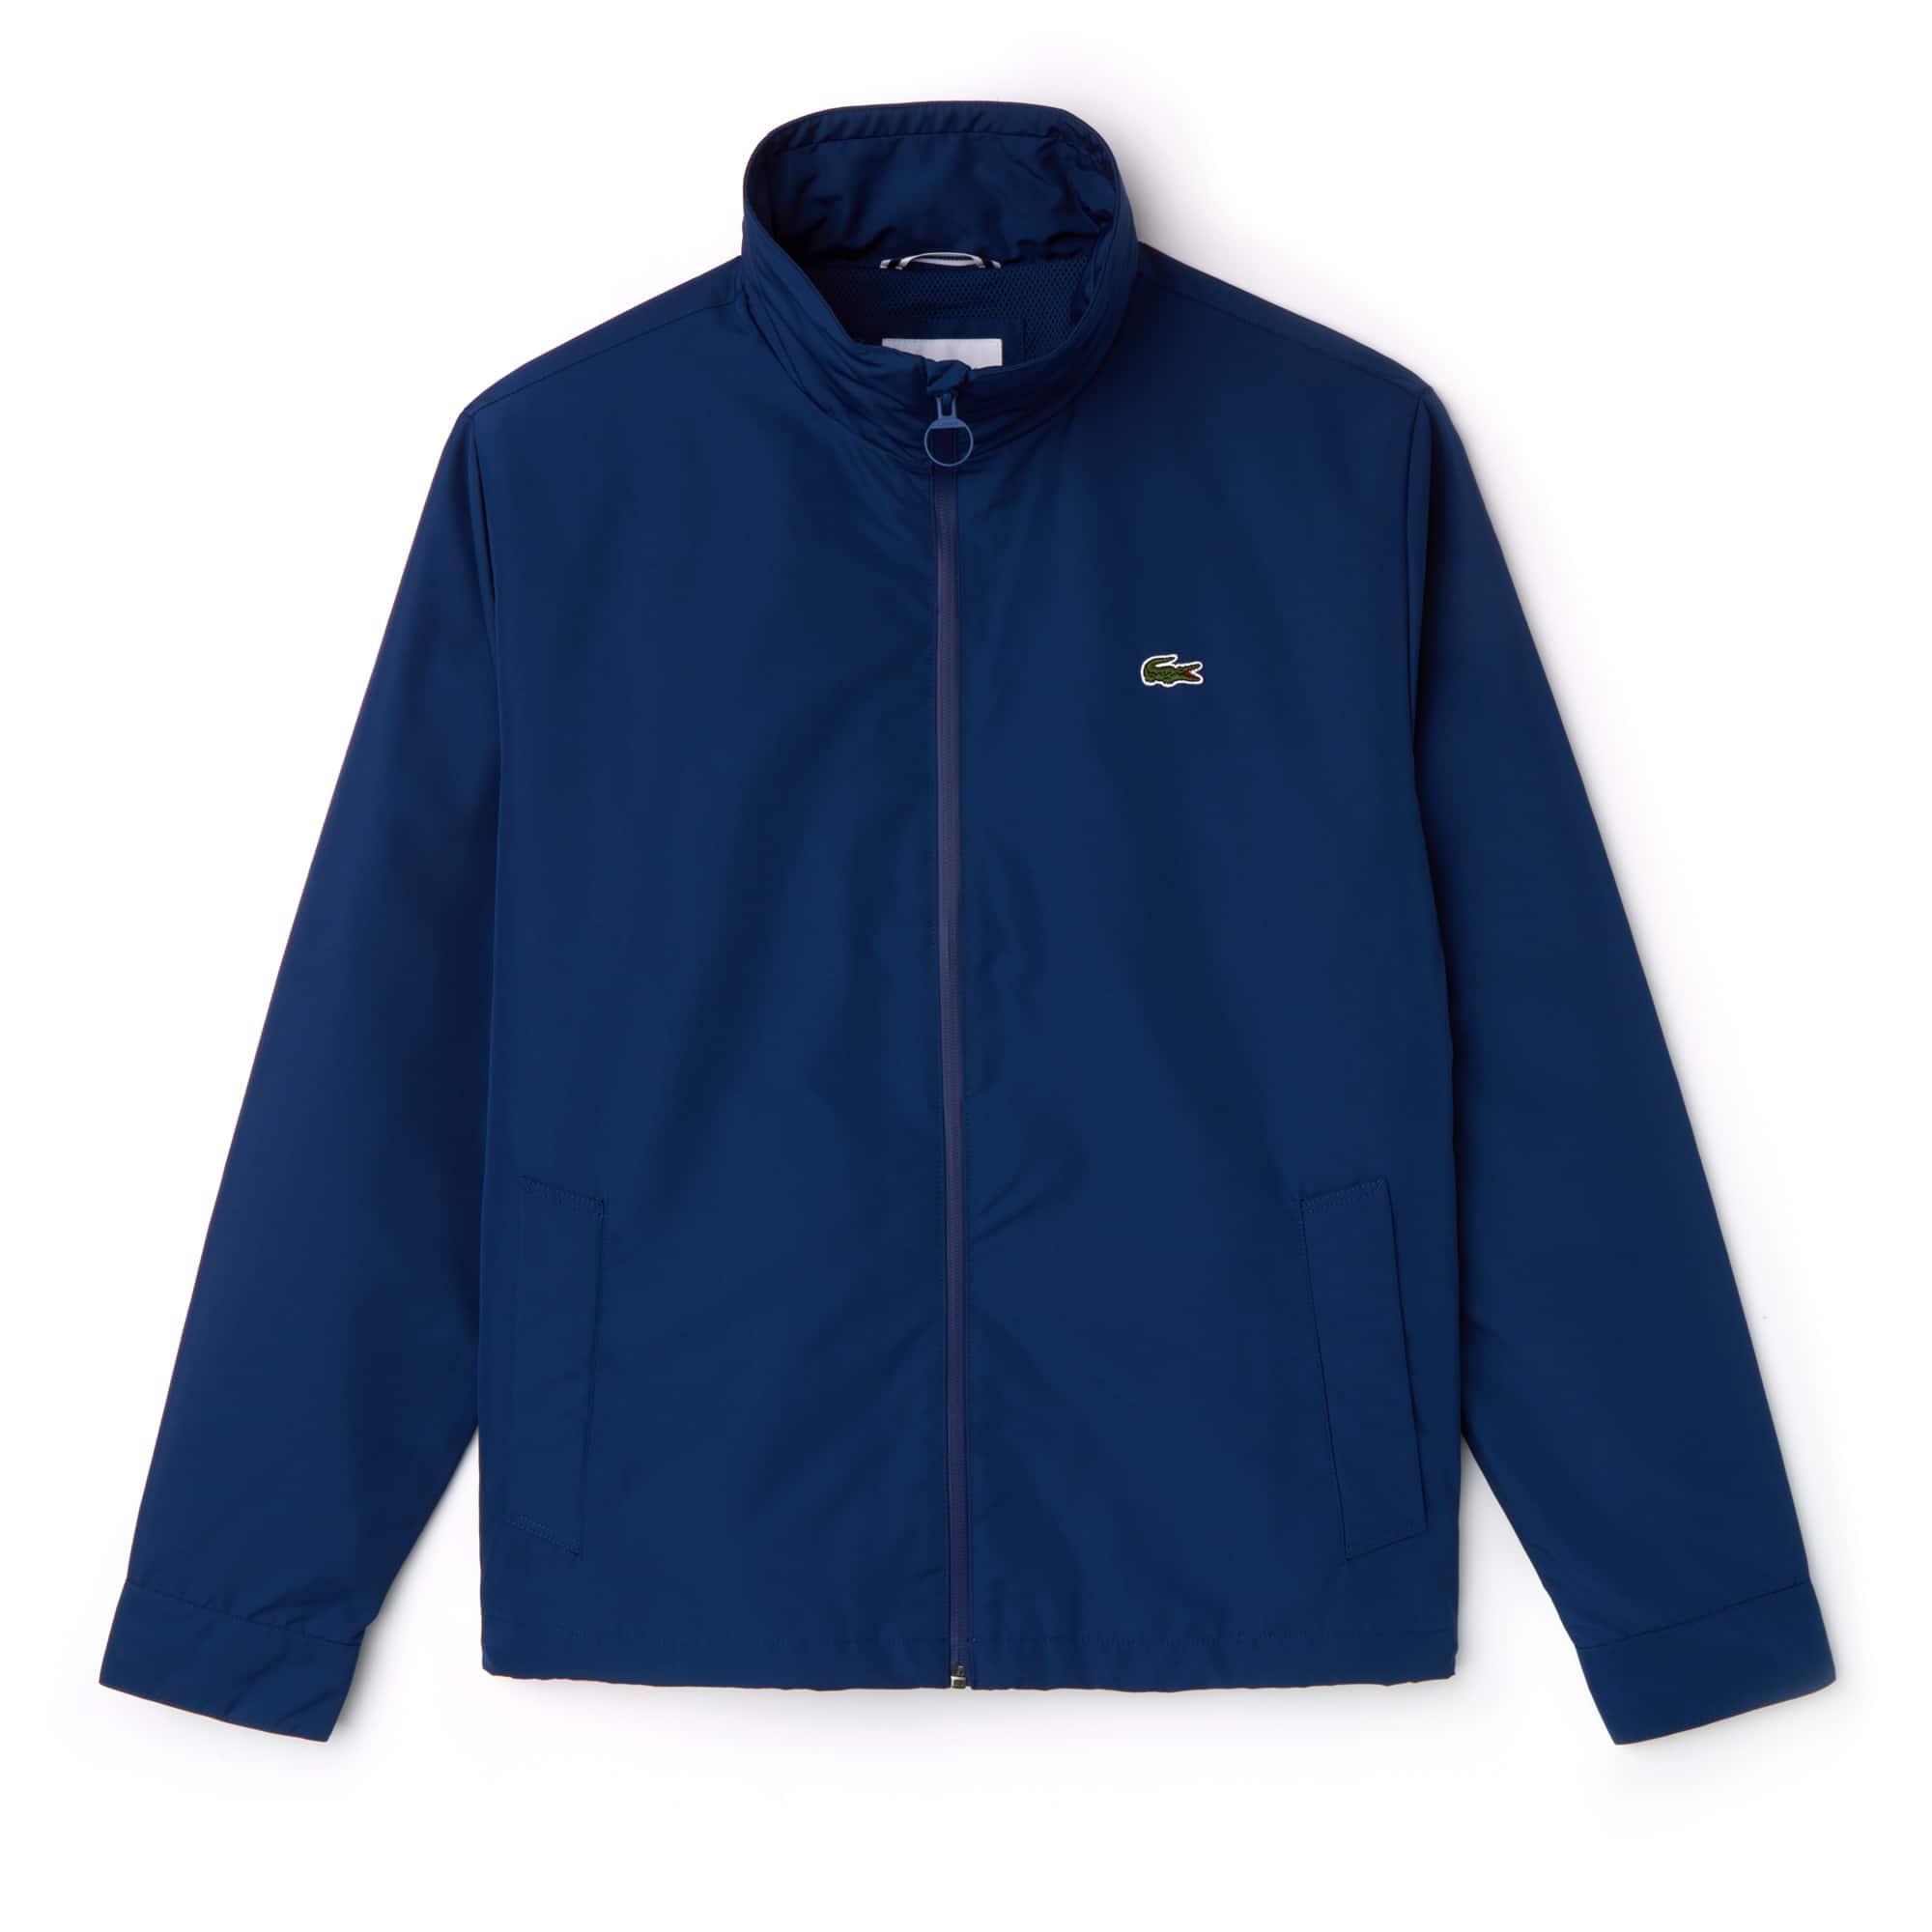 Herren-Jacke aus leichtem Taft mit versteckter Kapuze